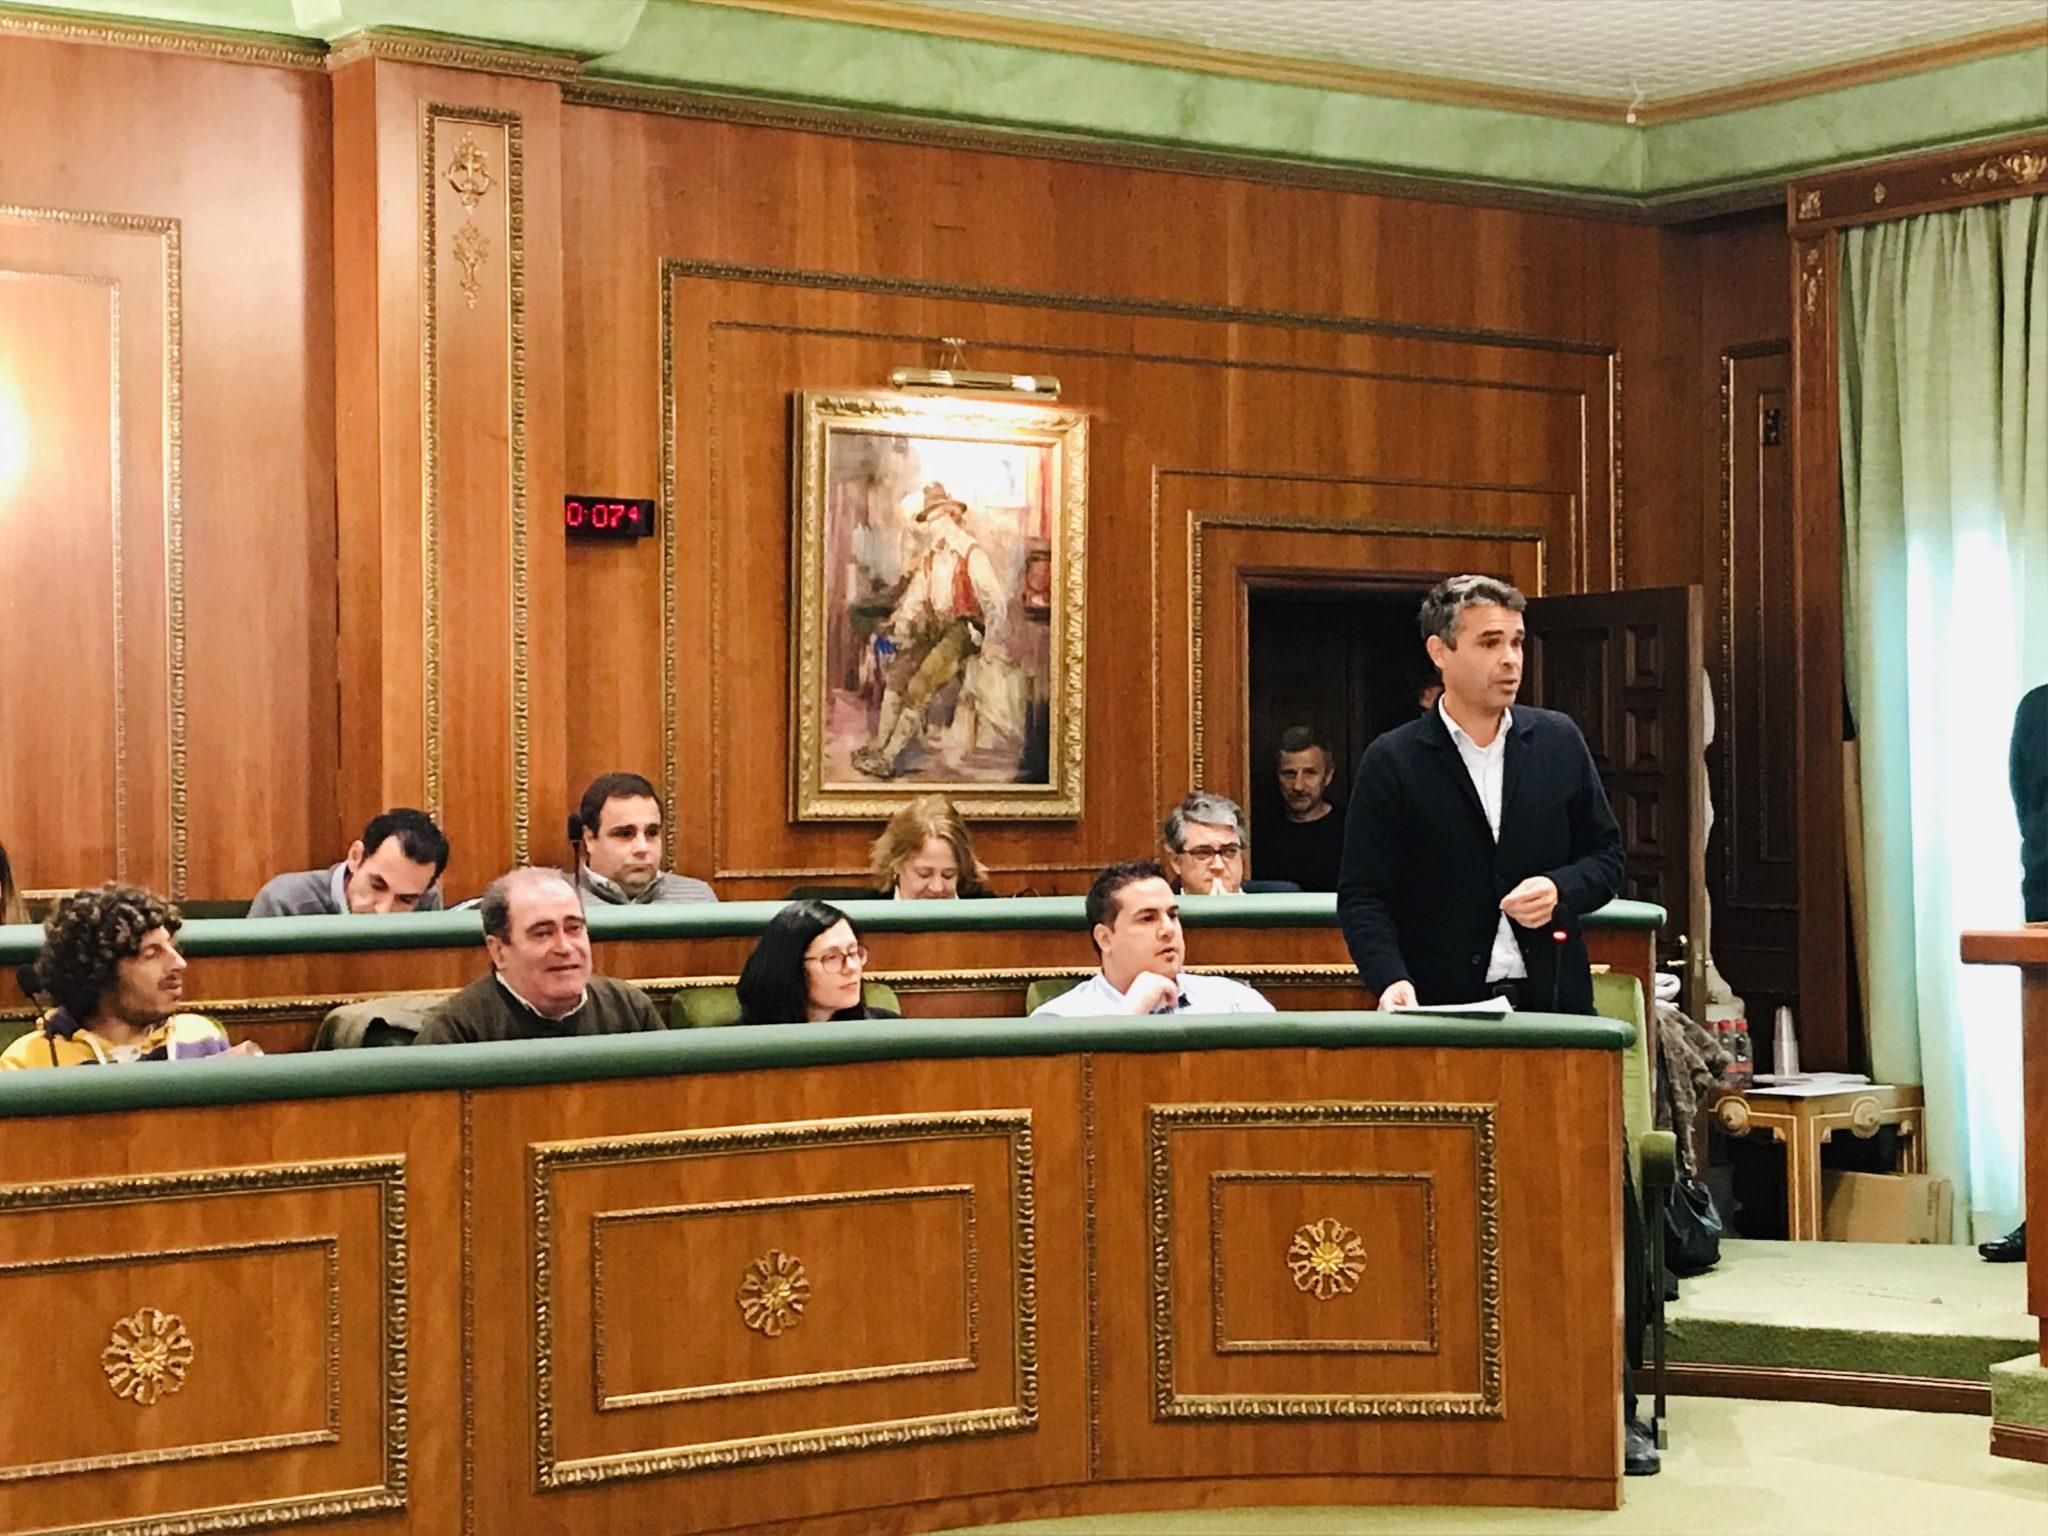 El PSOE asegura que PP no ha aceptado ni una sola de las alegaciones a los presupuestos 2019 presentadas por el partido socialista